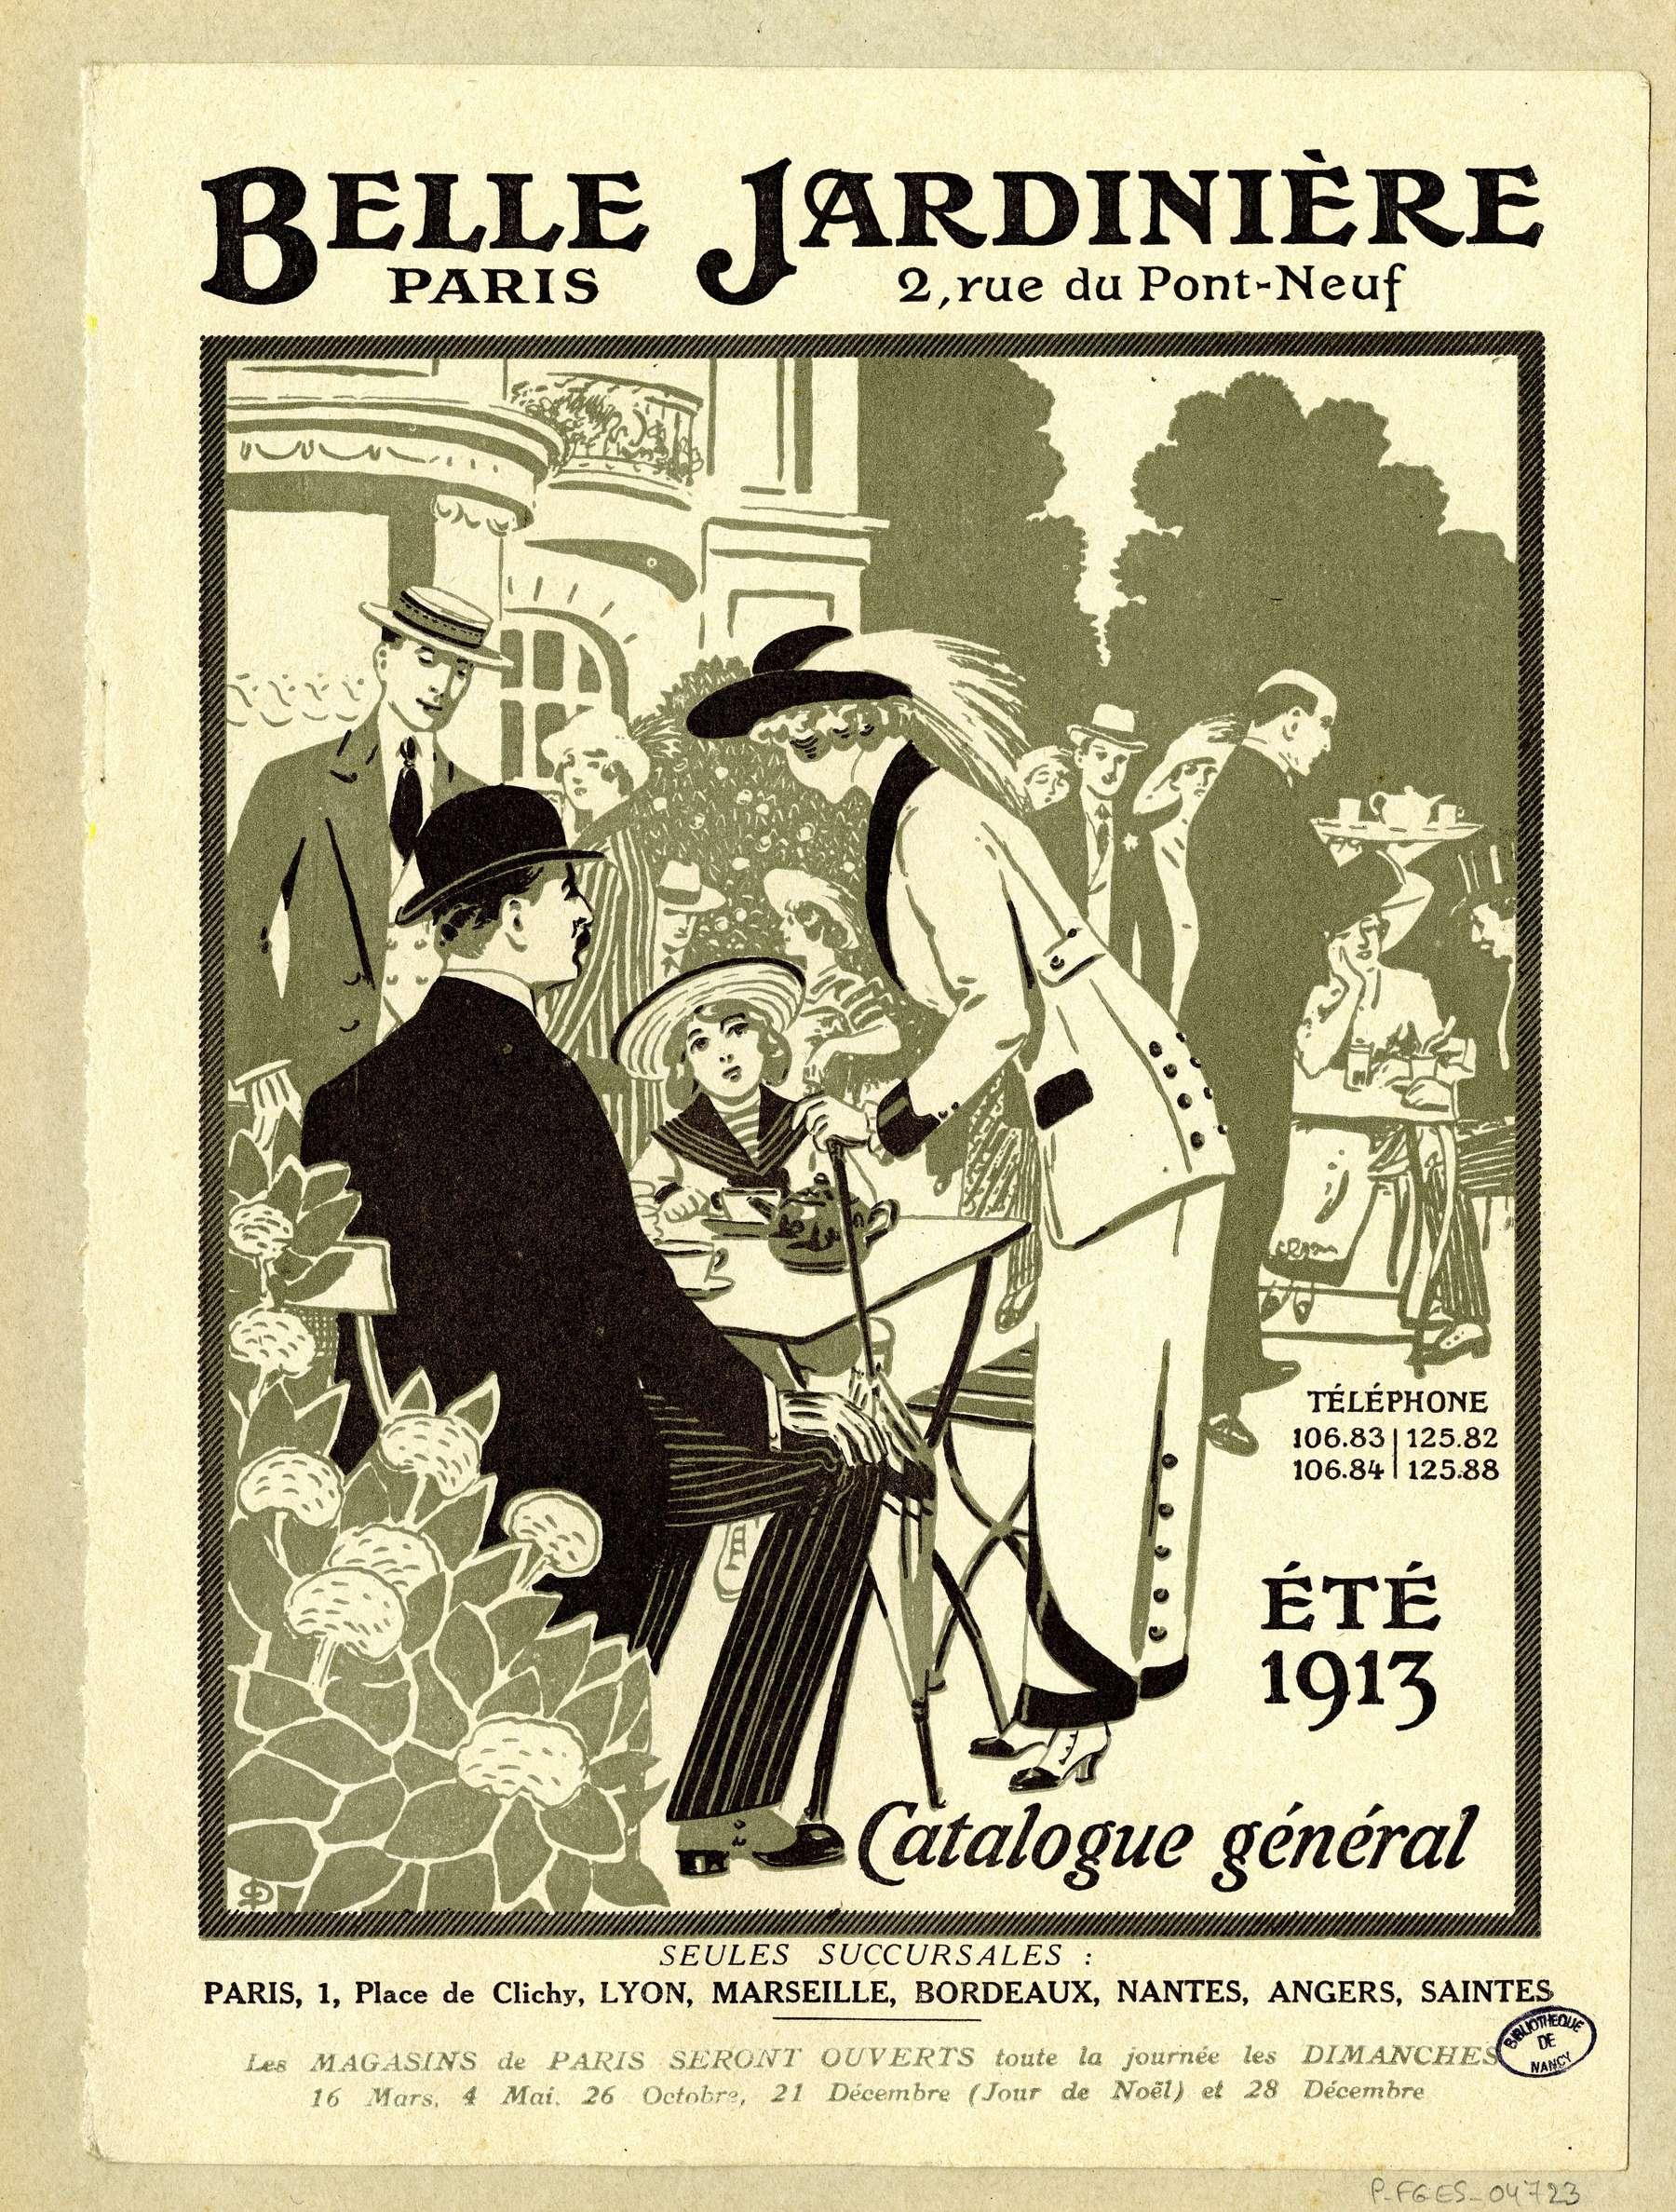 Contenu du Catalogue général Belle Jardinière, Paris